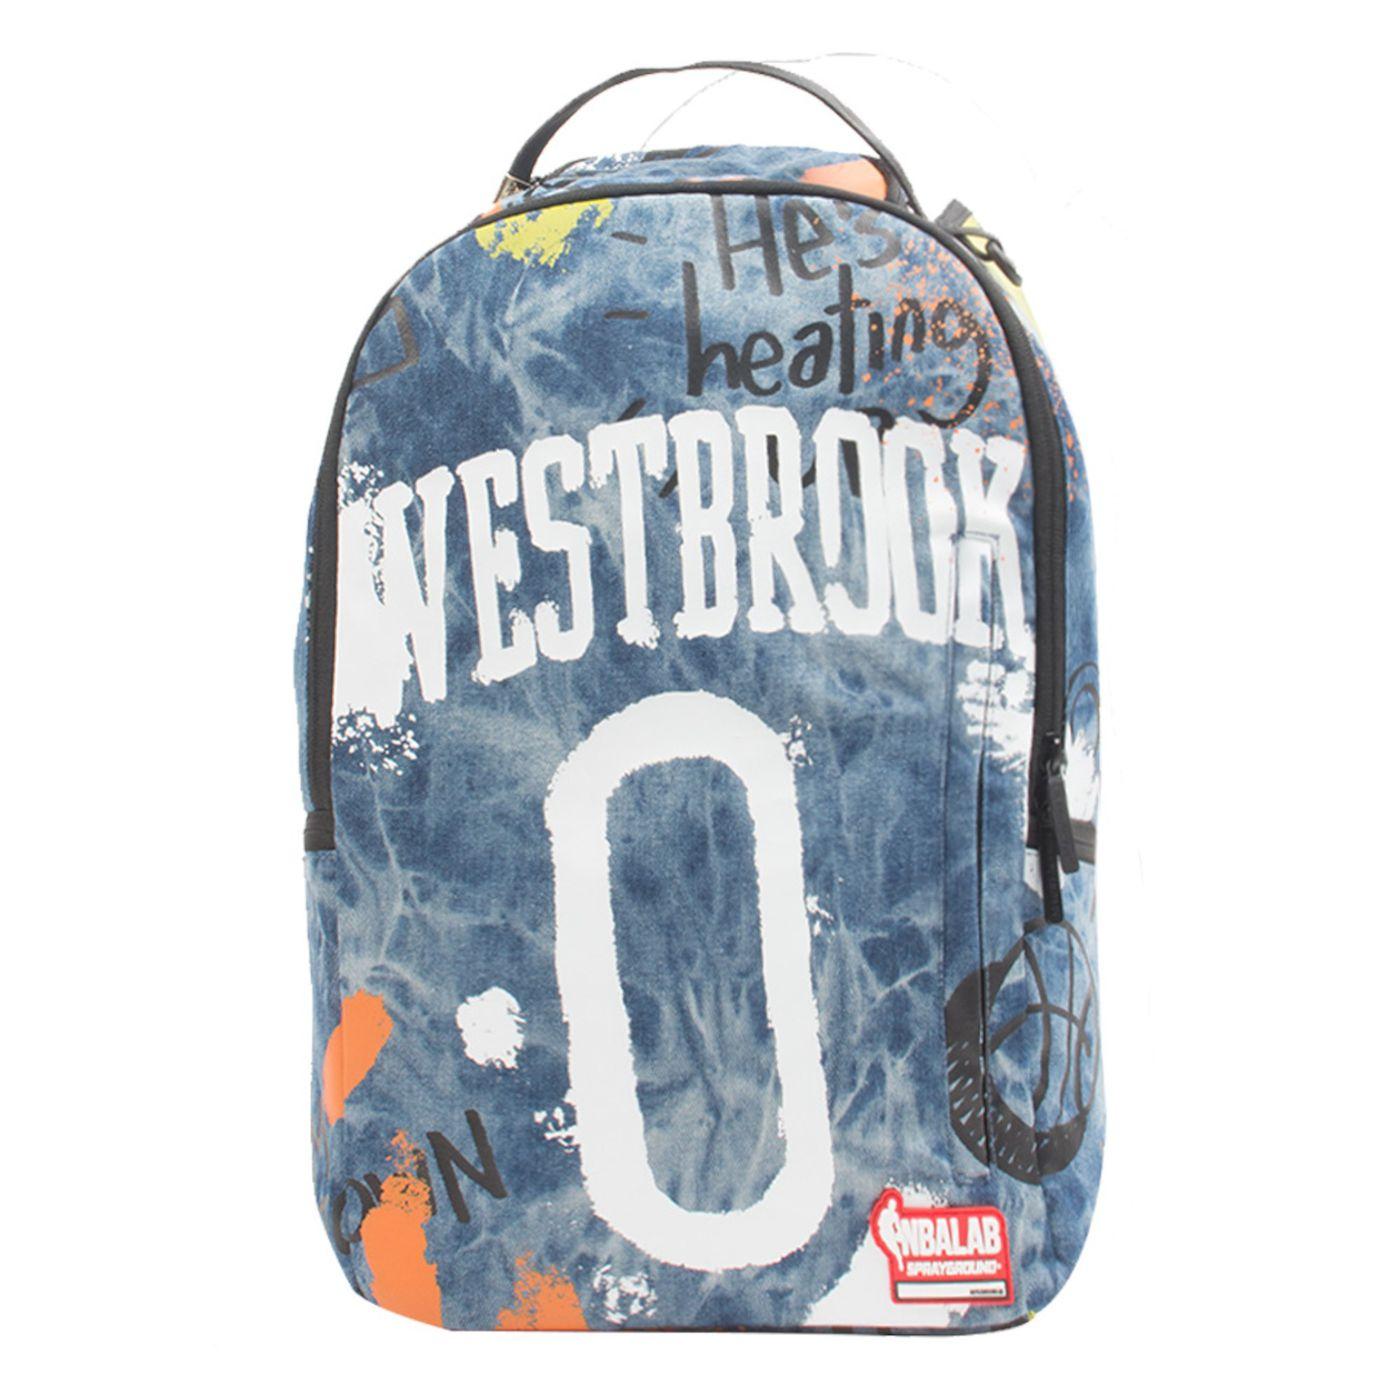 2ea7a5e8945580 21 great back-to-school backpacks for NBA fans - SBNation.com